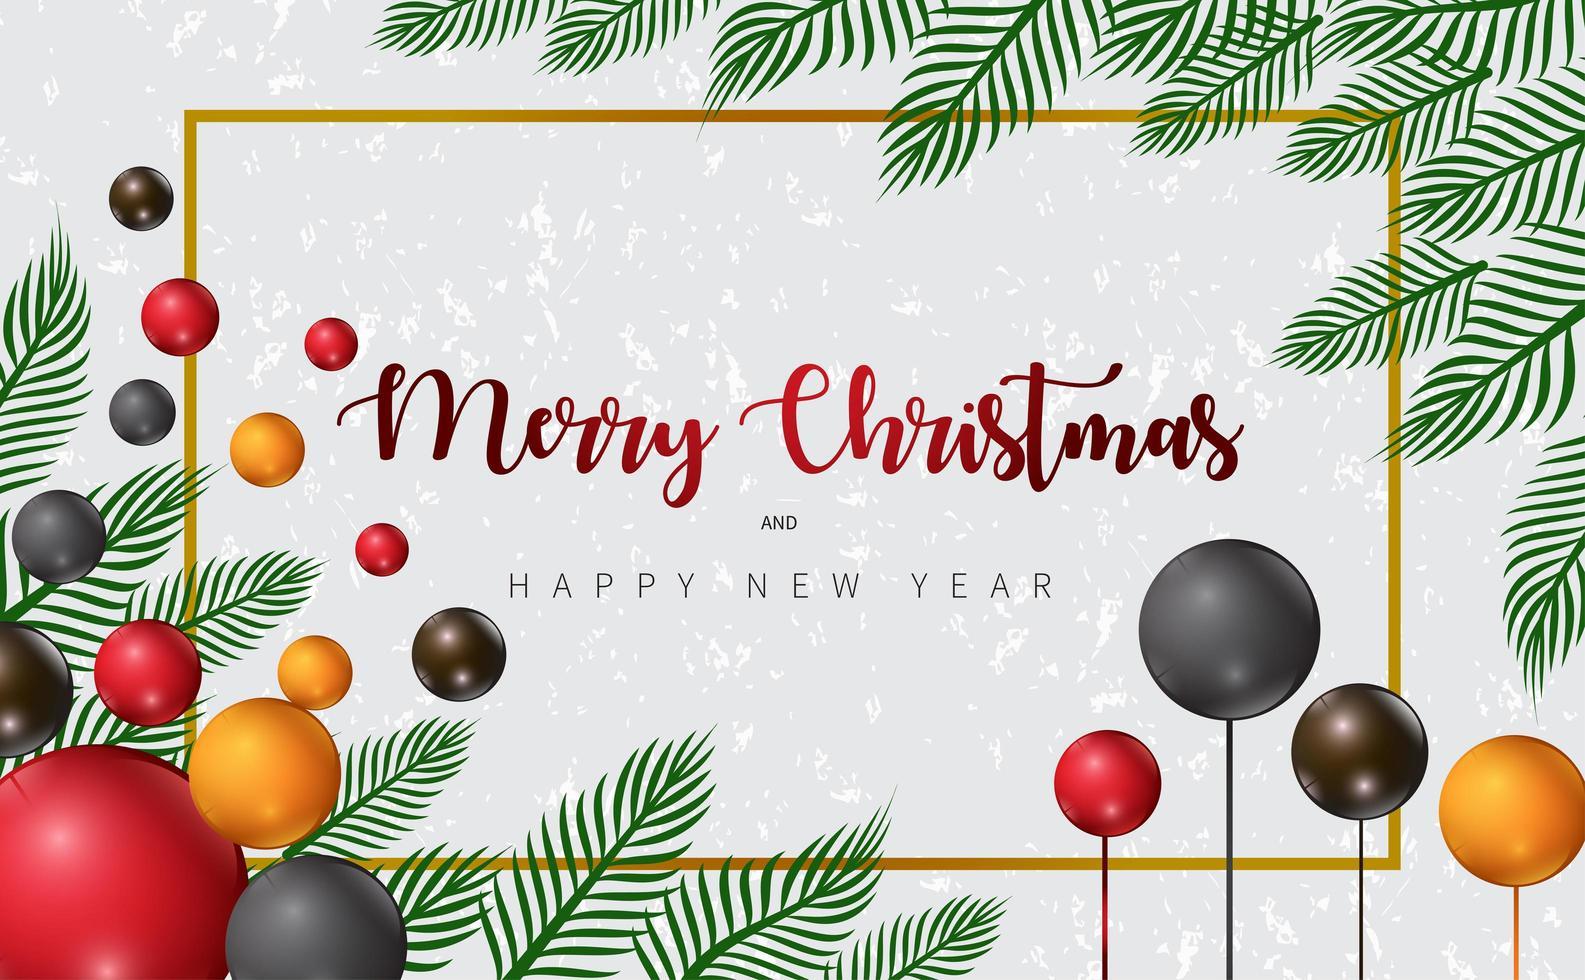 disegno di Natale con rami e palloncini colorati vettore